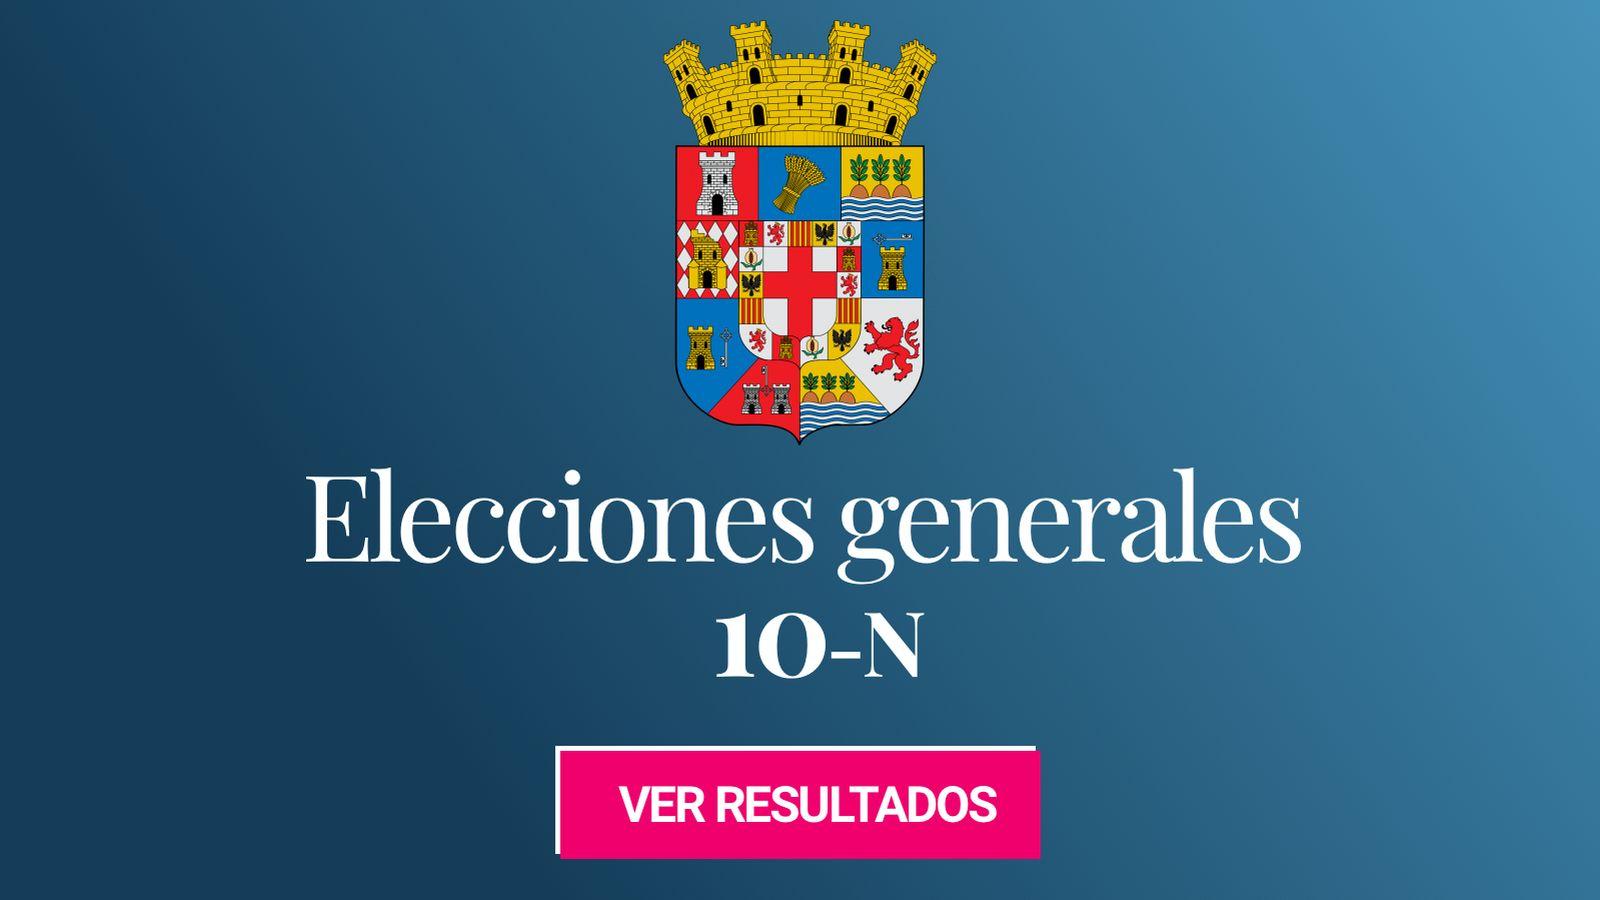 Foto: Elecciones generales 2019 en la provincia de Almería. (C.C./Miguillen)